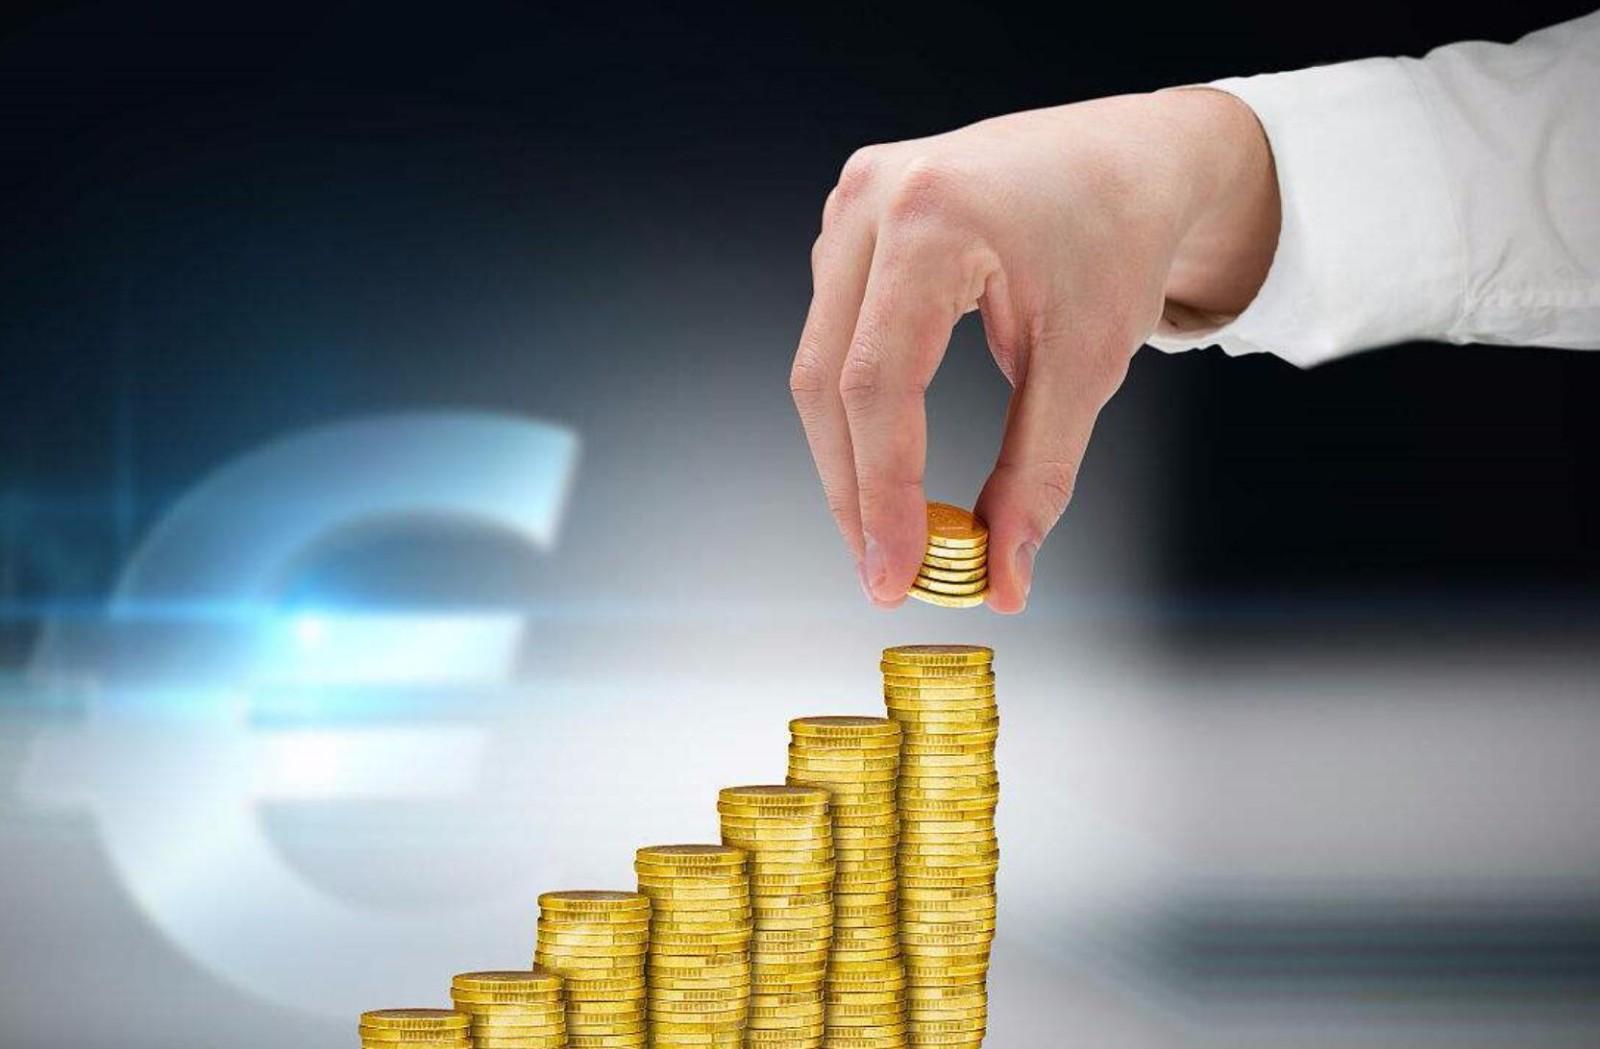 央行:5月债券市场共发行各类债券4.8万亿元